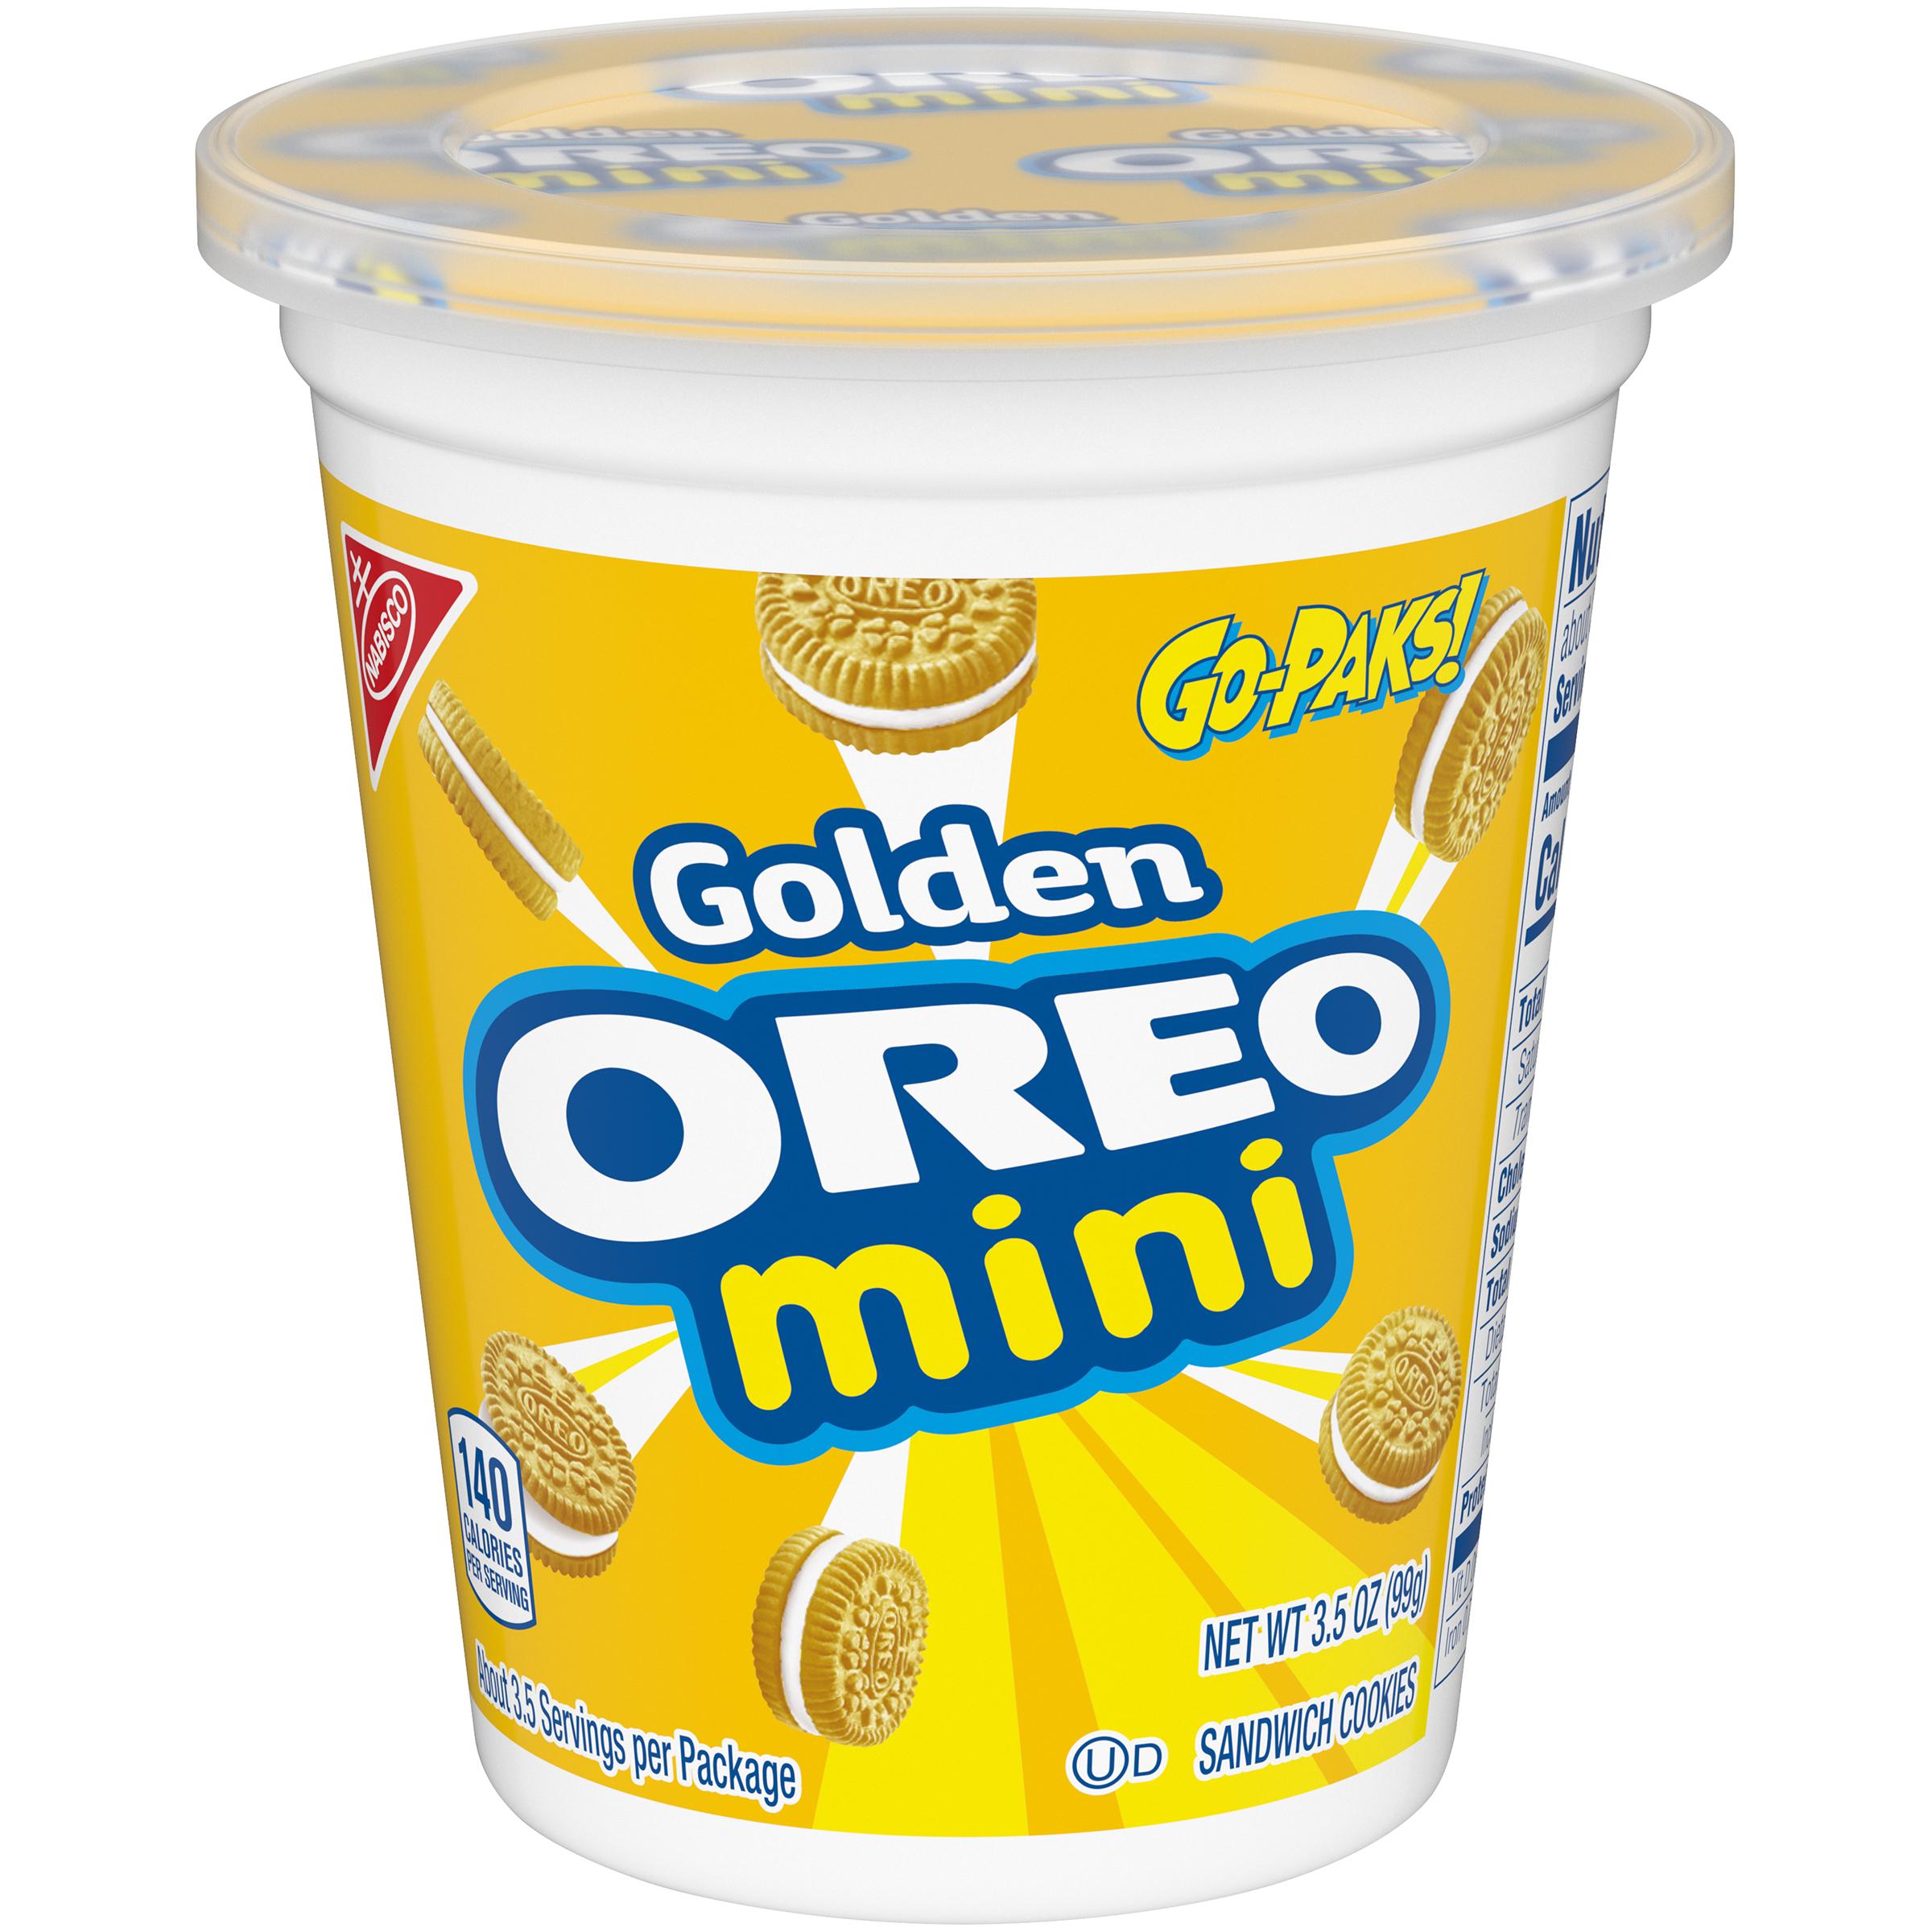 OREO Golden Oreo Mini Cookies Go Pak 3.5 oz